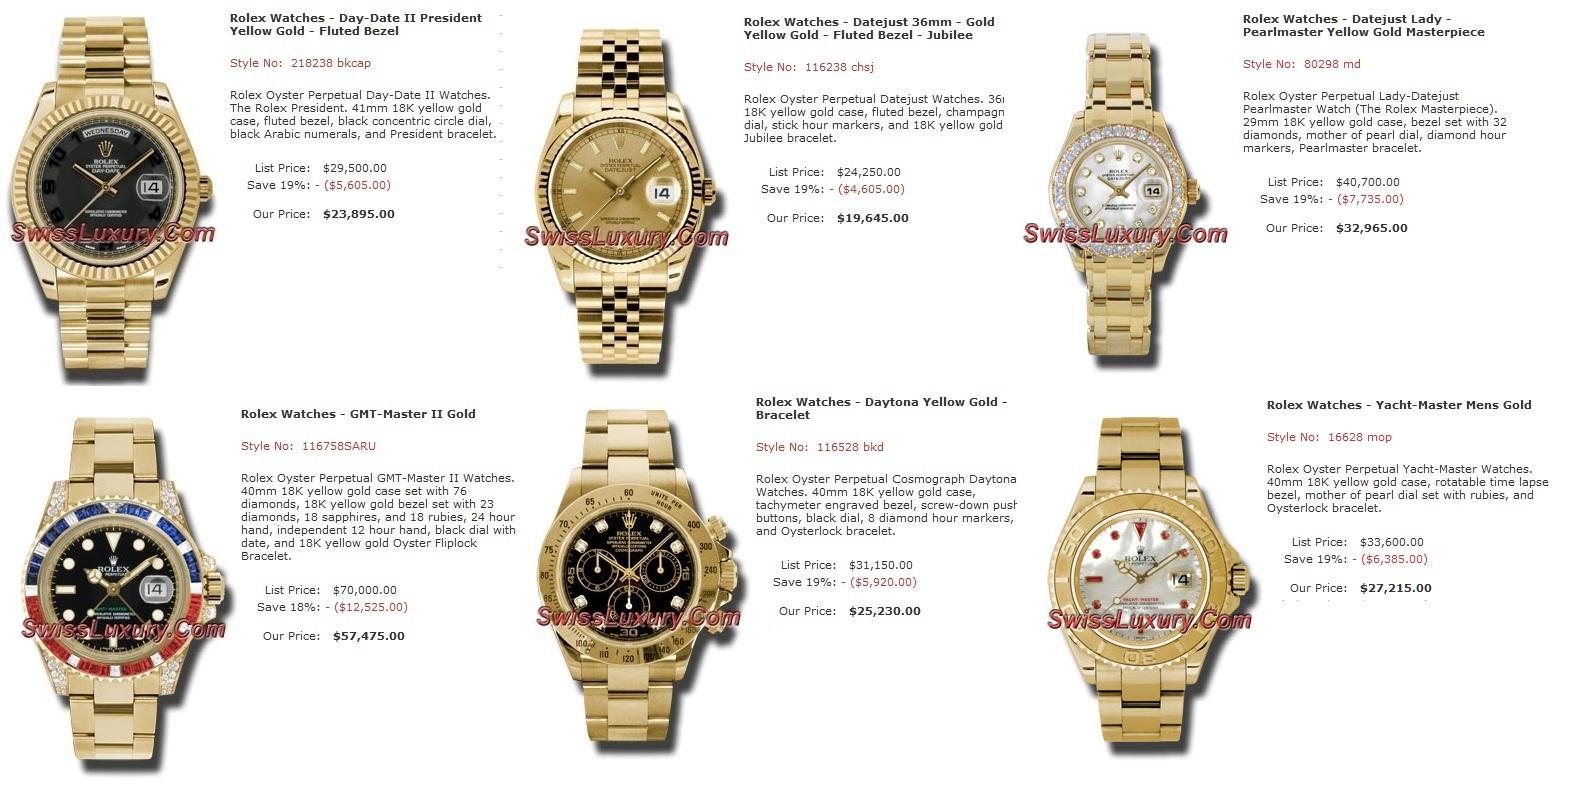 Rolex Prices 2015